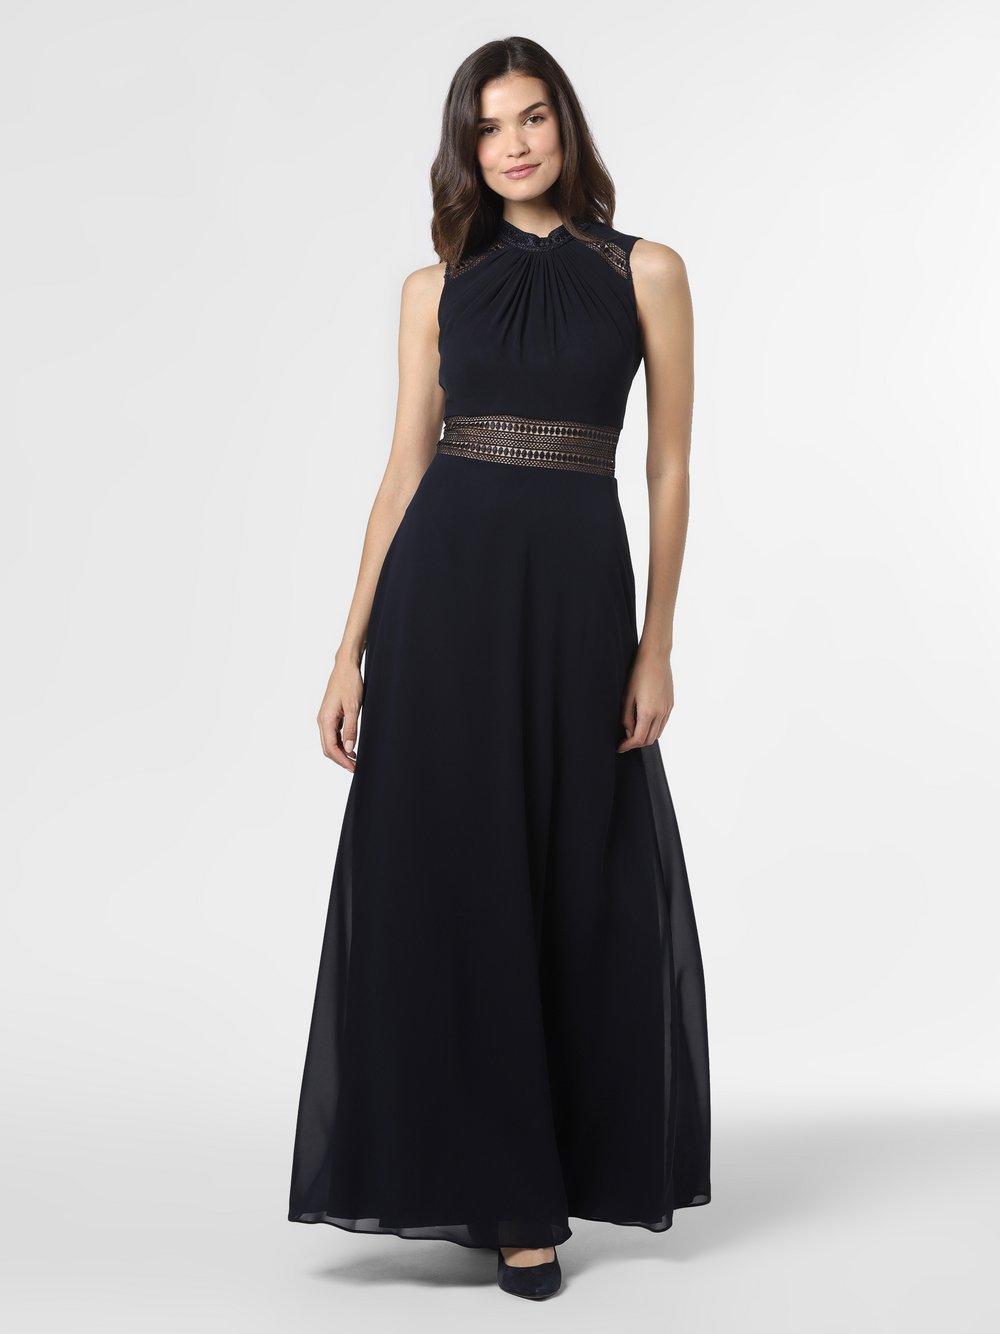 VM – Damska sukienka wieczorowa, niebieski Van Graaf 490412-0001-00400